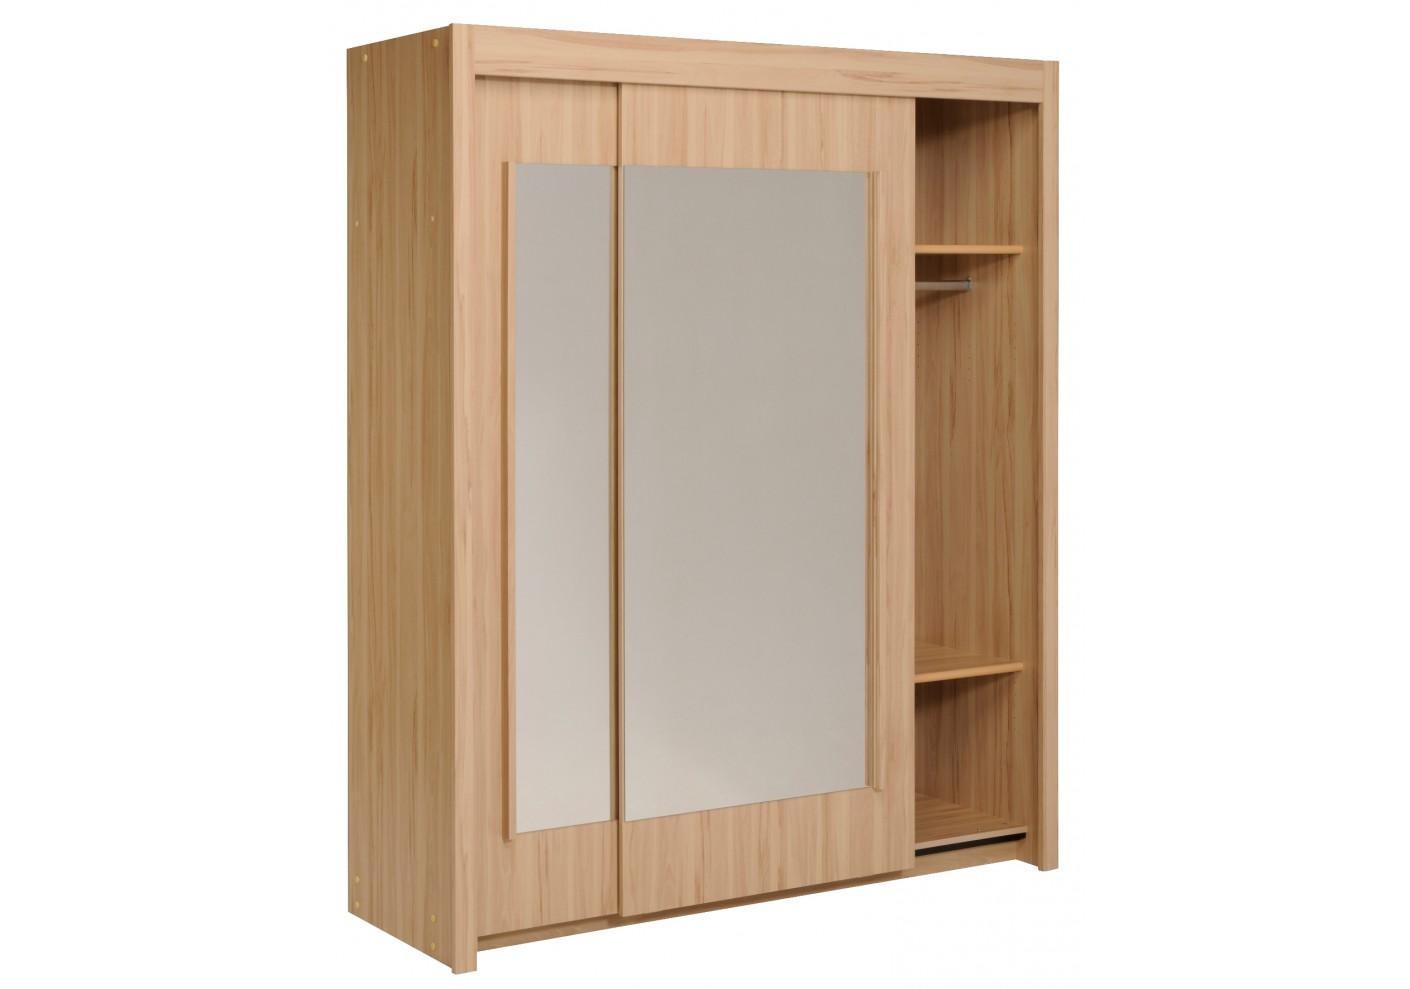 #402412 Armoire 2 Portes Coulissantes ESSENTIAL180 Hêtre  1041 armoire portes coulissantes montage 1410x989 px @ aertt.com